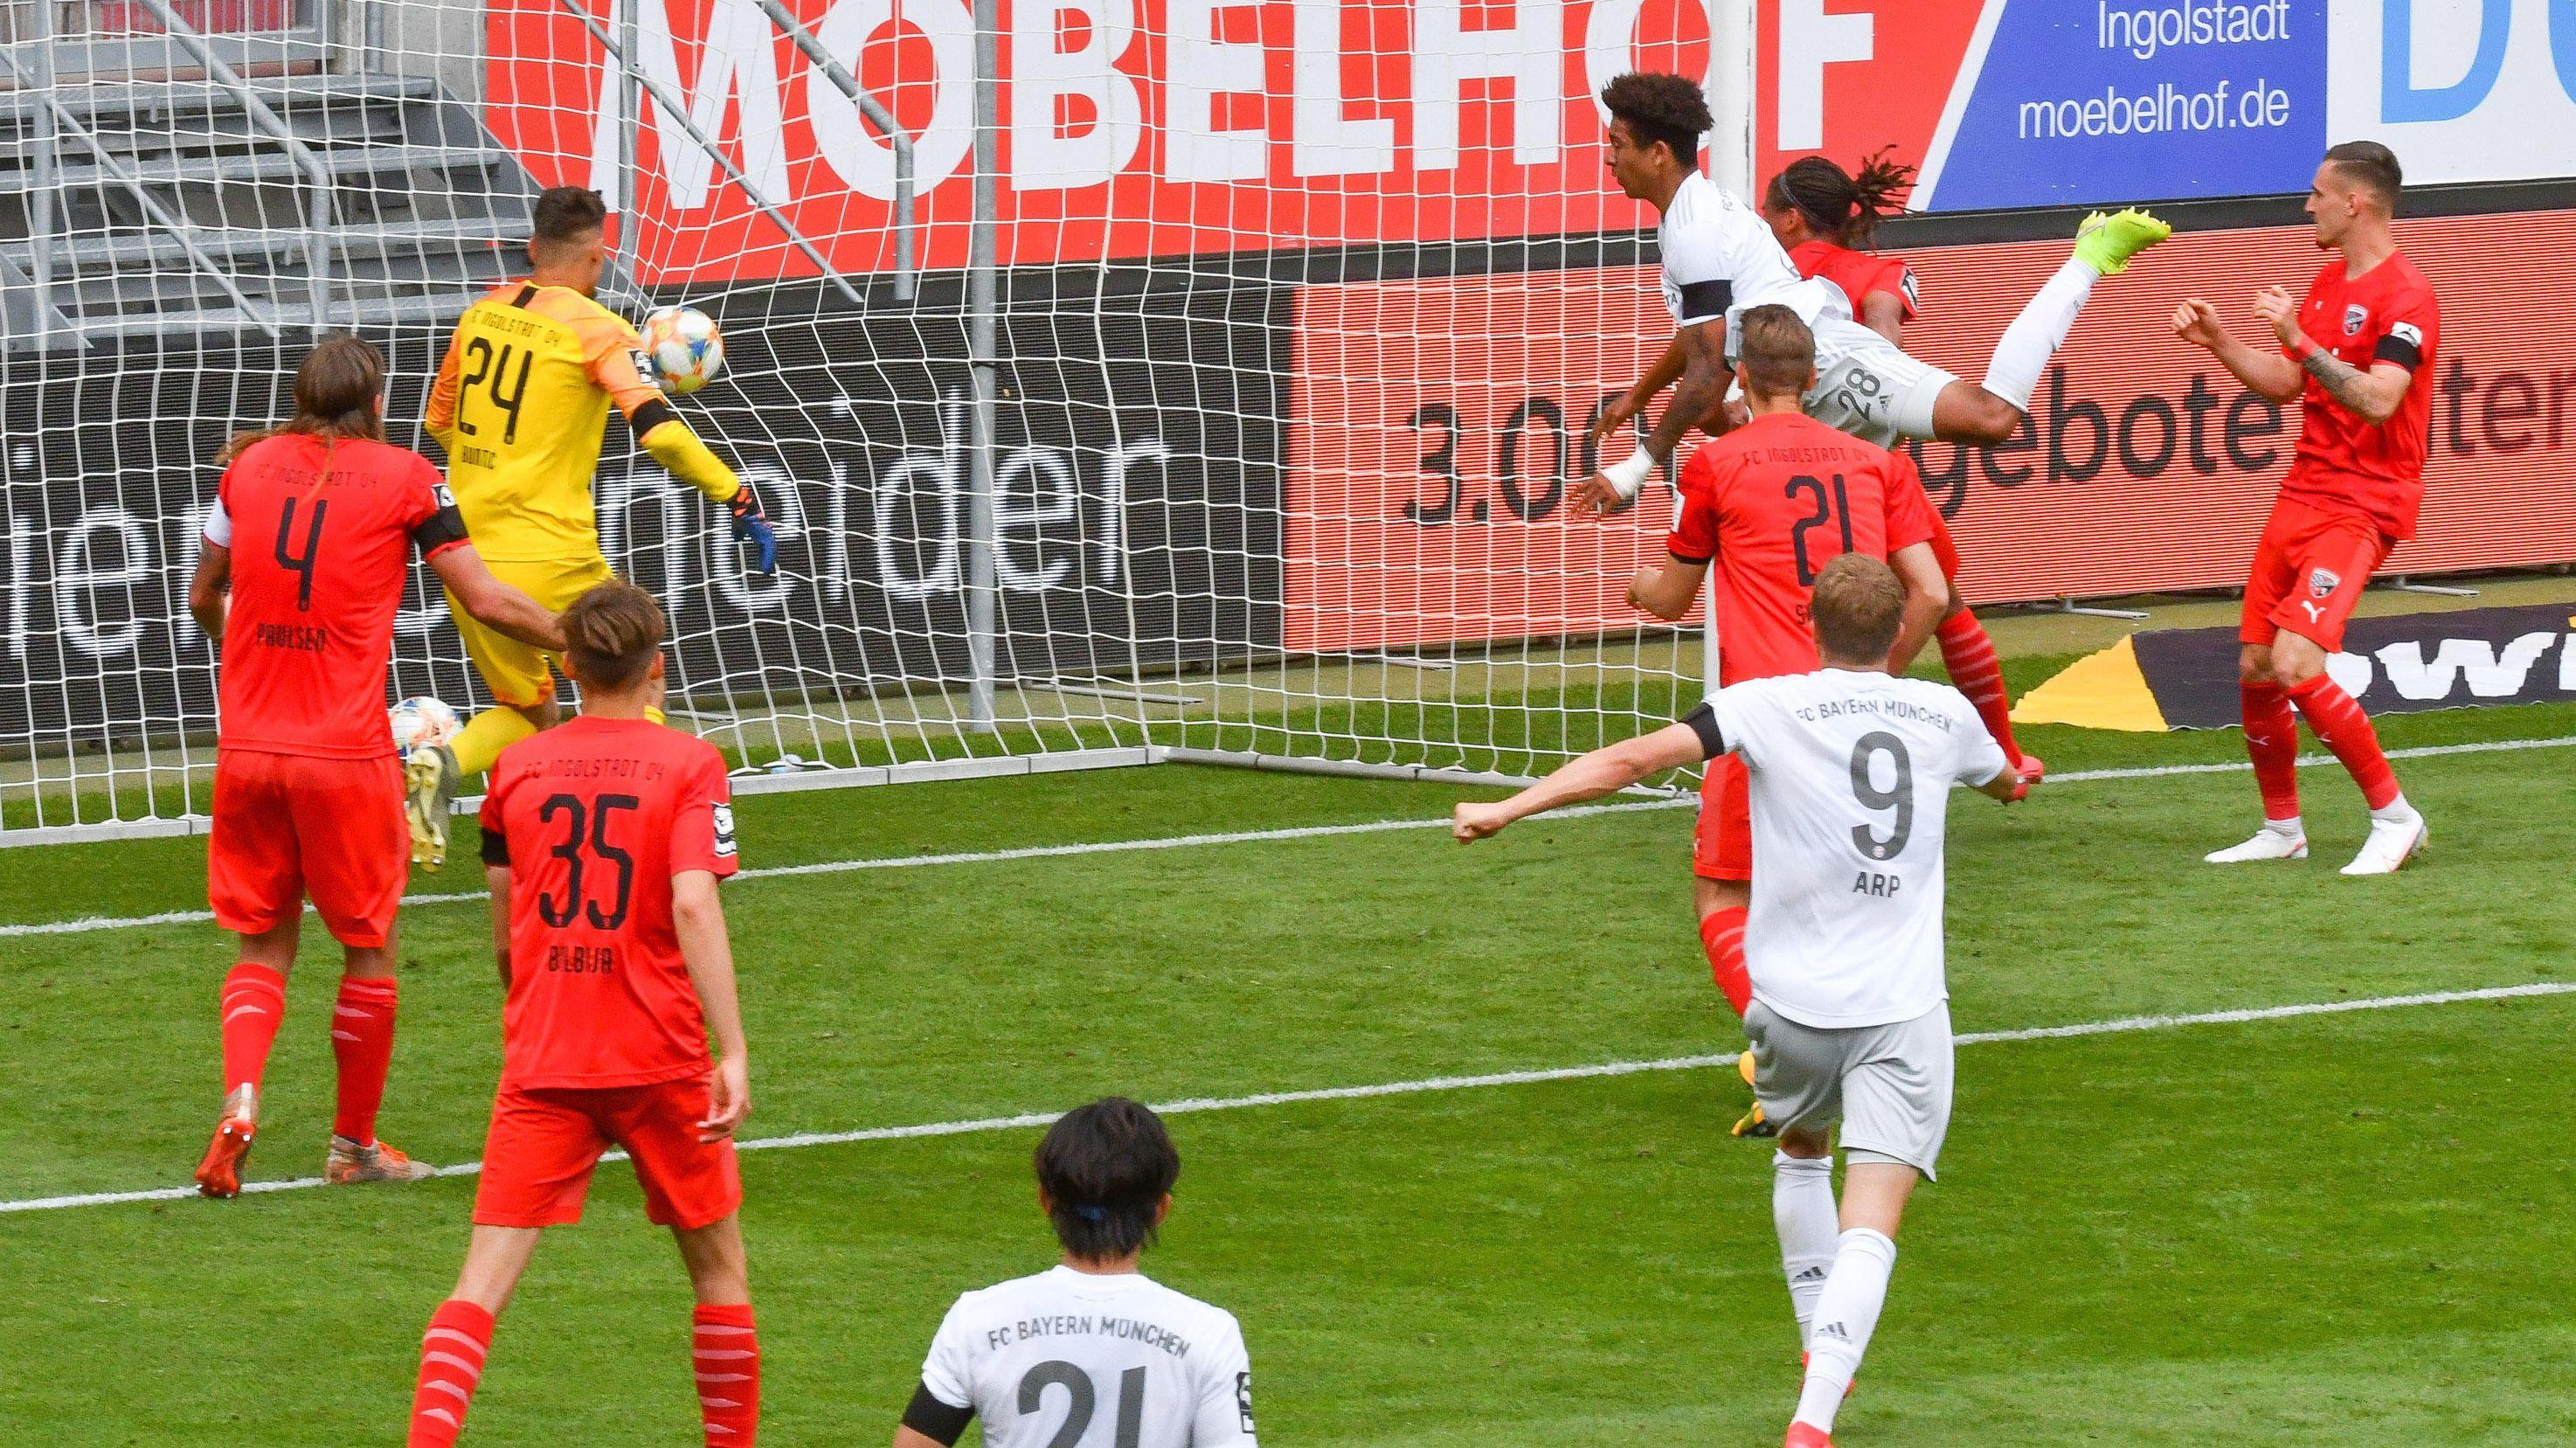 Das 2:1 für den FC Bayern II im Spiel beim FC Ingolstadt